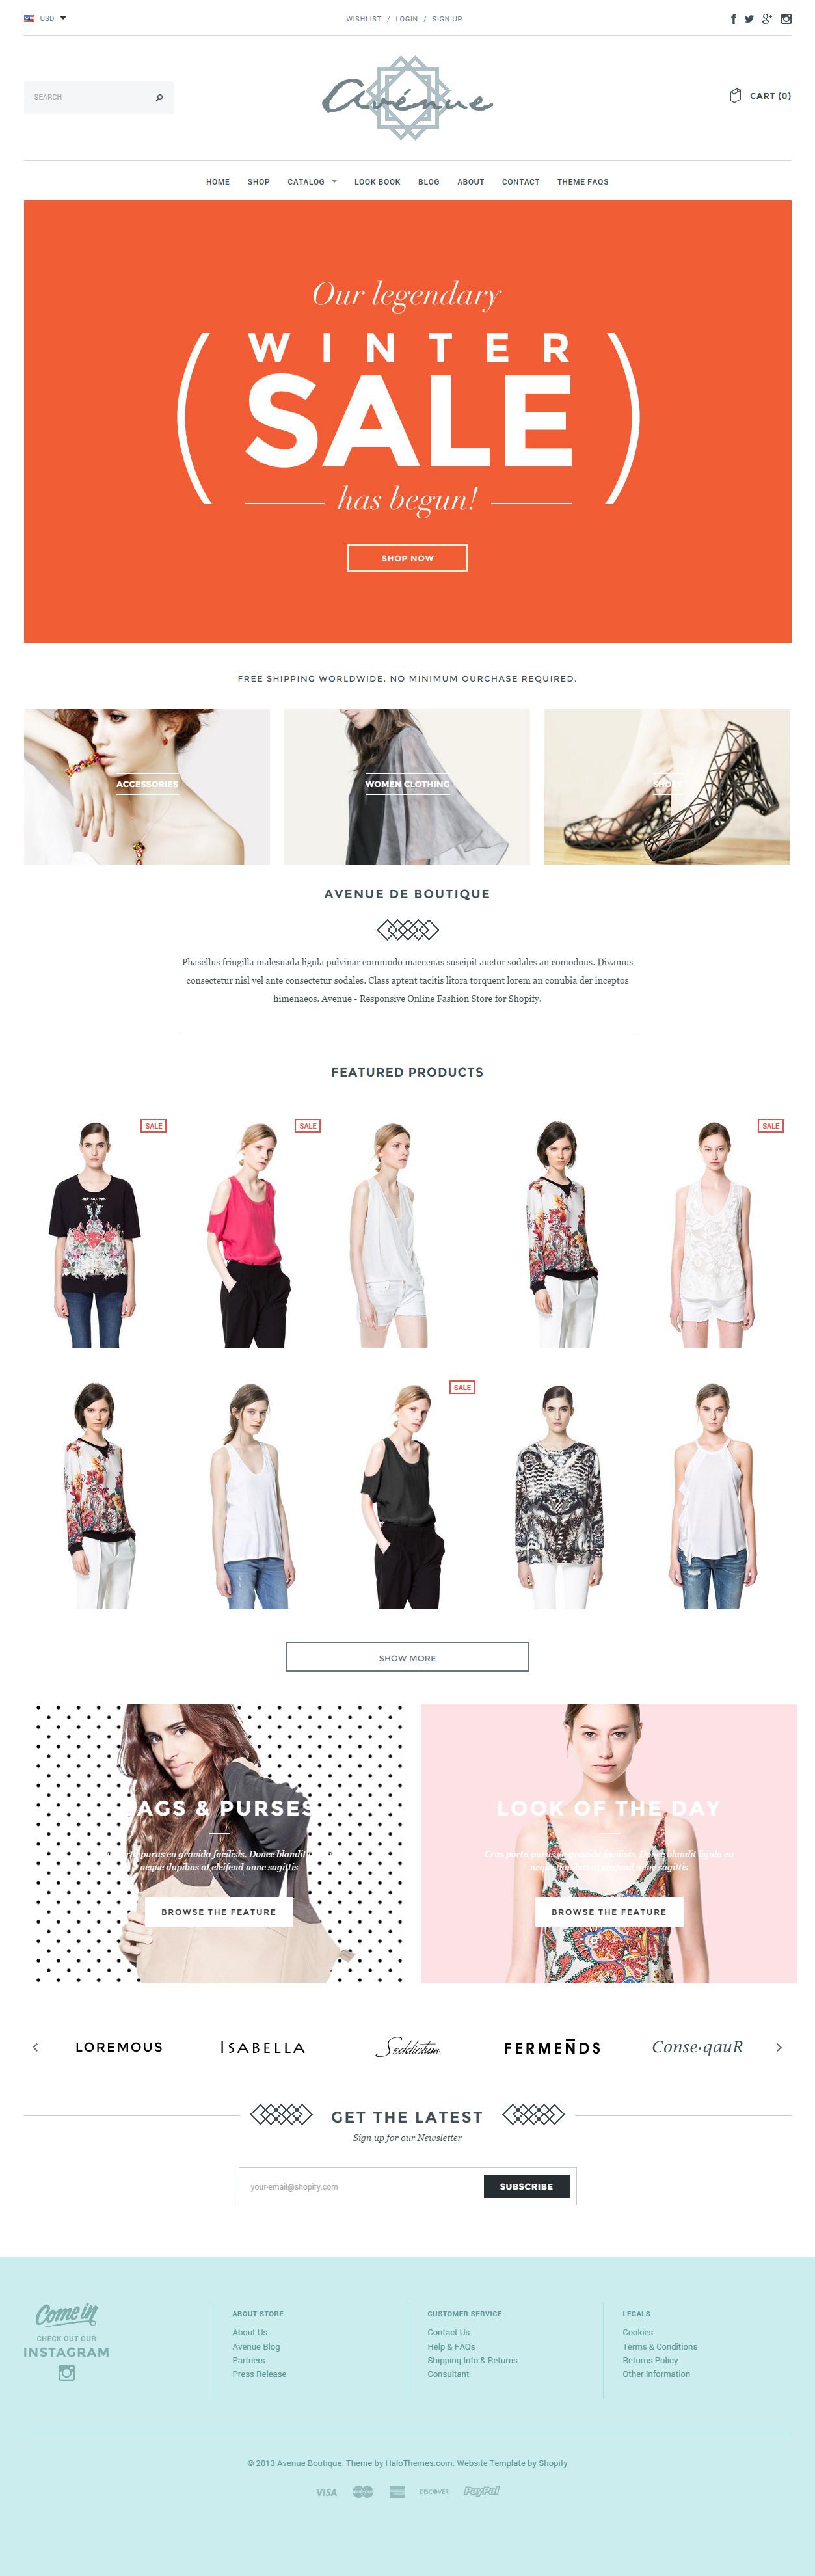 Avenue Premium Responsive Shopify Theme Pinterest ECommerce - Mailchimp ecommerce templates